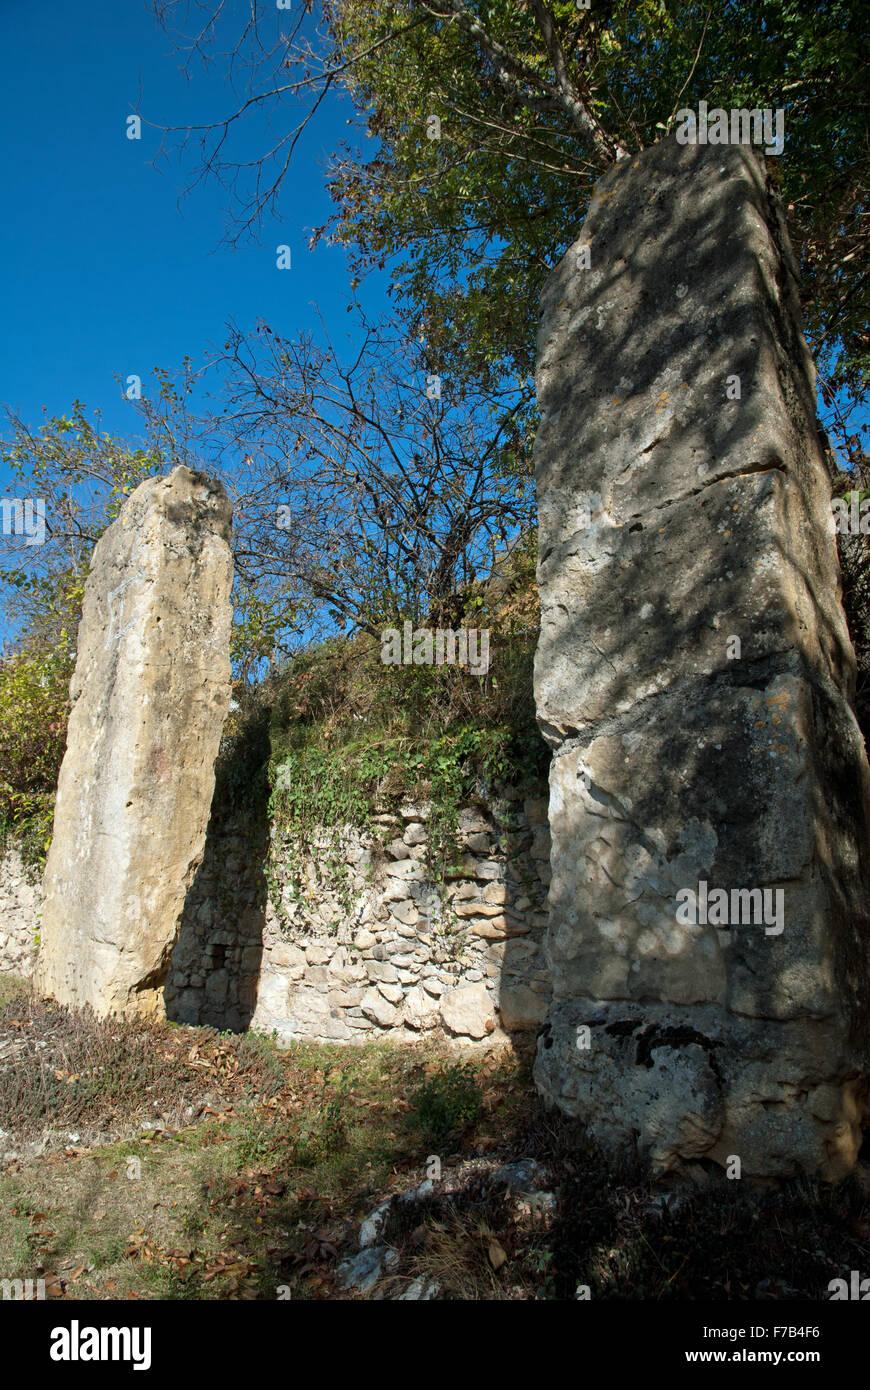 Menhirs de Mancioux, Haute-Garonne, France - Stock Image